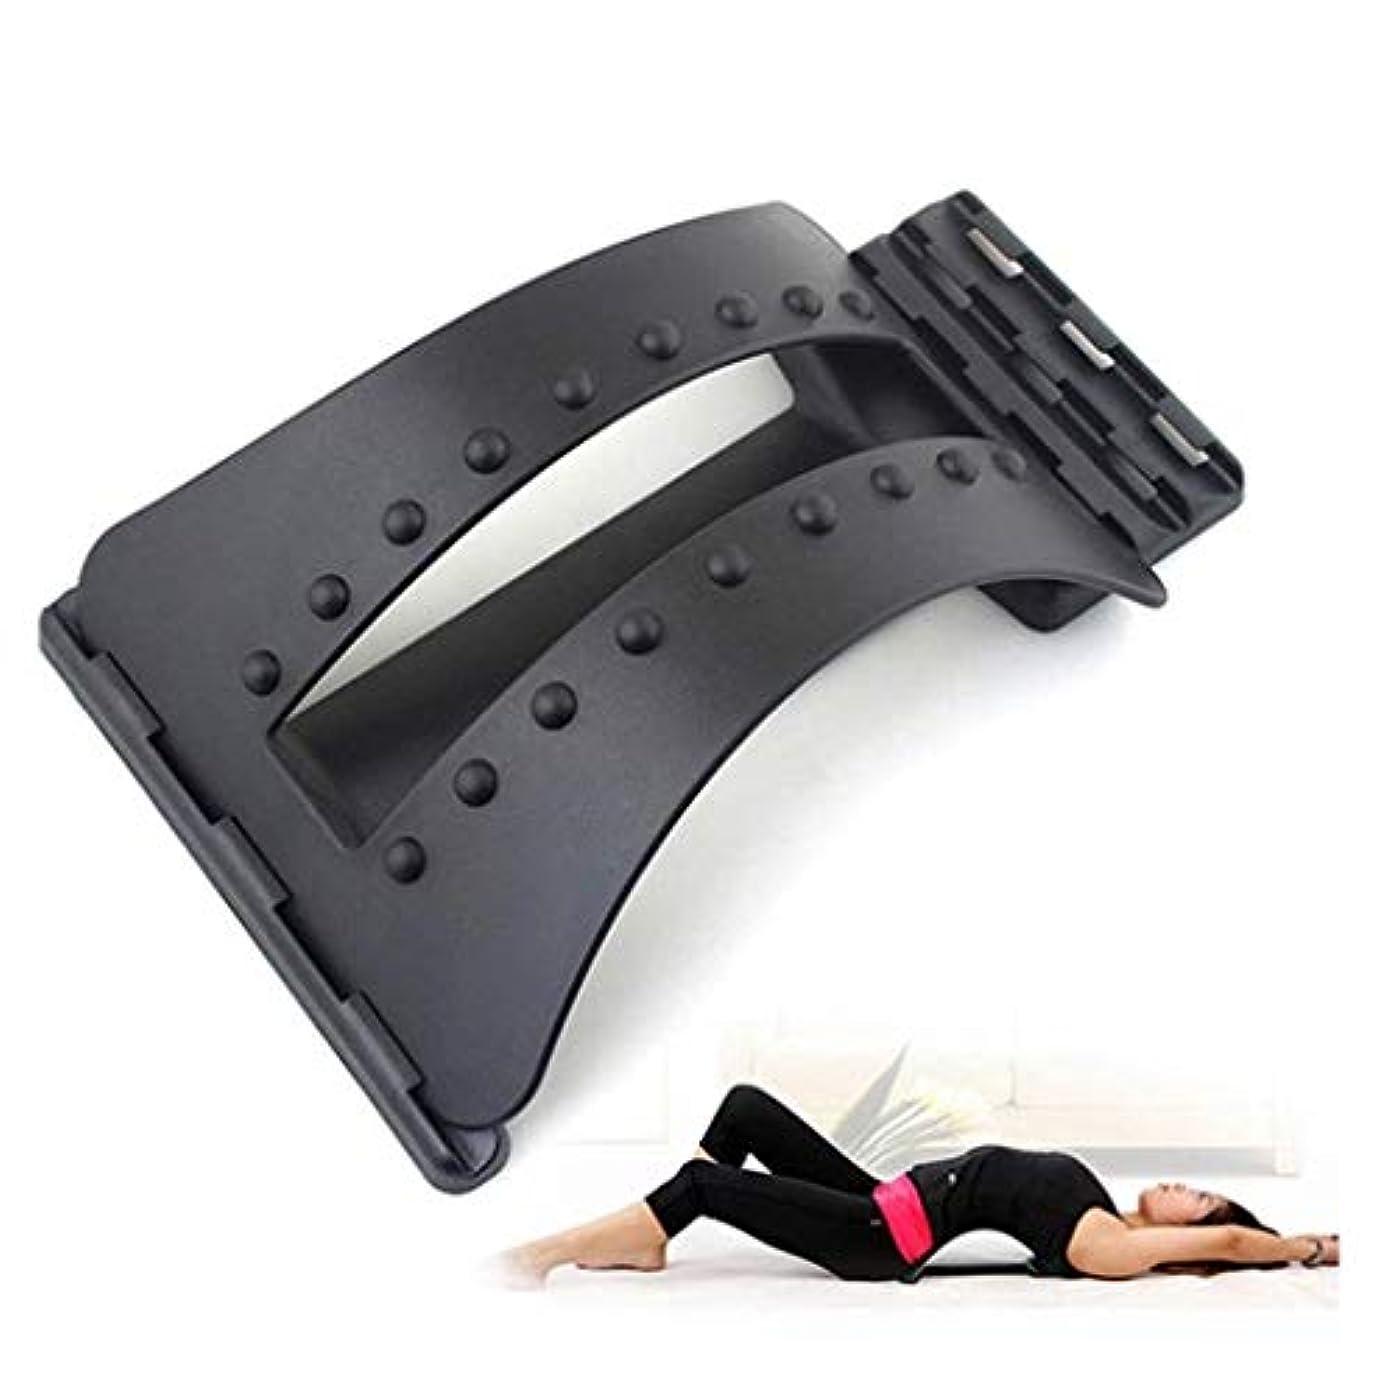 膨張する関与するフィットバックマッサージ、マジックバックサポートとストレッチストレッチャーマジックストレッチャーバックストレッチャー腰椎サポートデバイスリラクゼーションパートナー脊椎の痛みを軽減する脊椎マッサージ療法